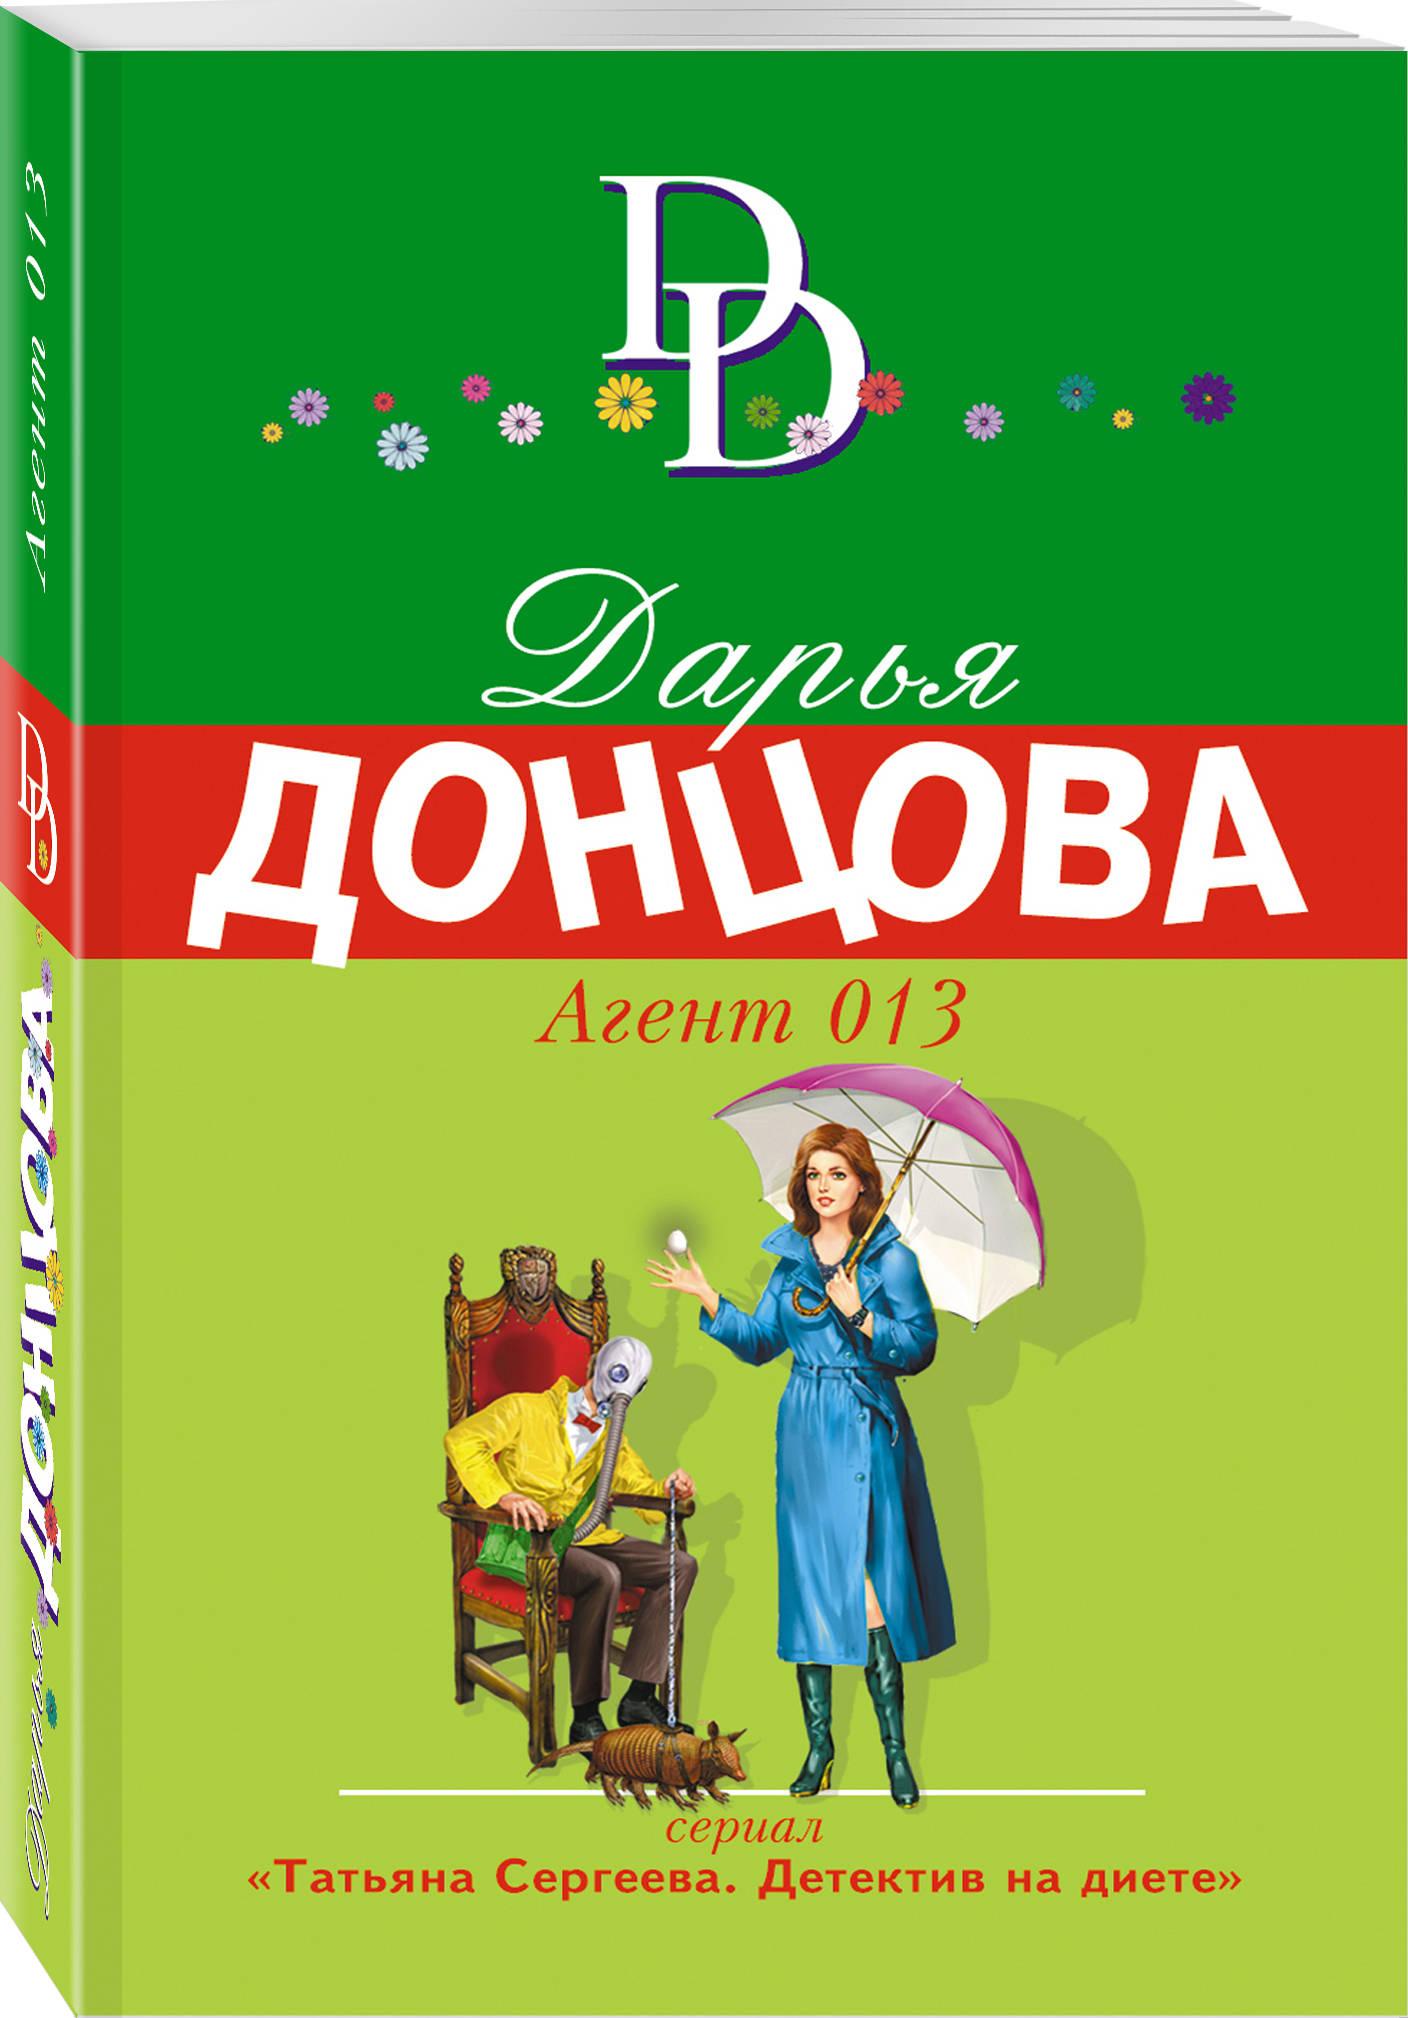 Донцова Дарья Аркадьевна Агент 013